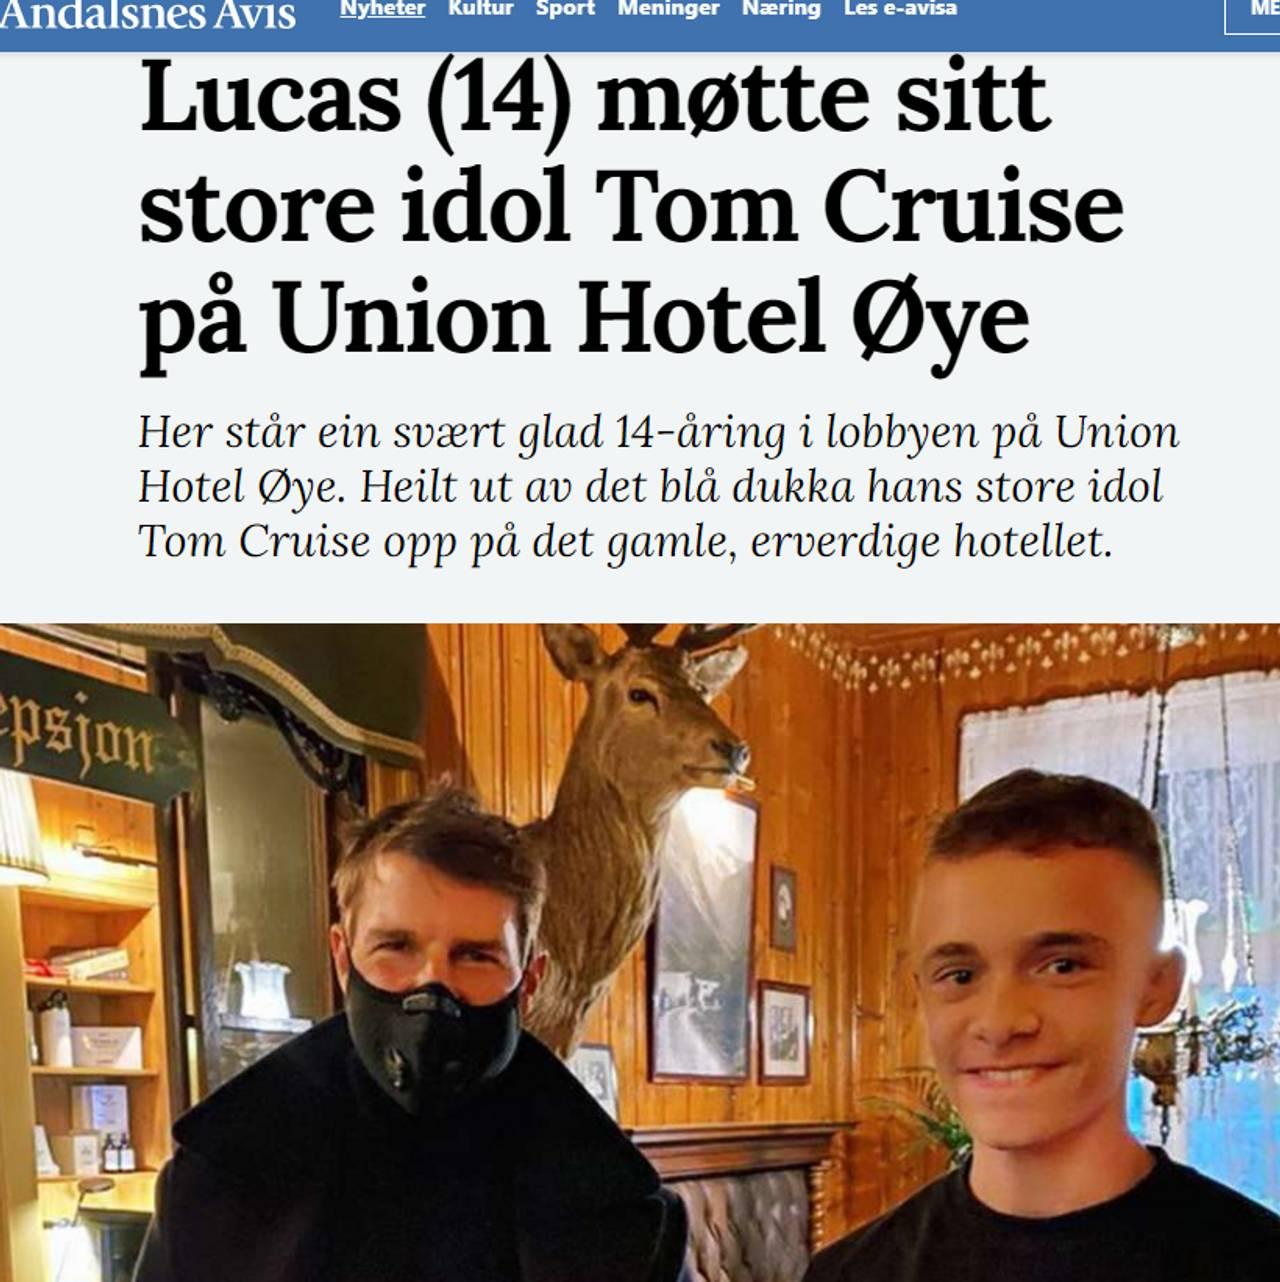 Lucas møtte Tom Cruise